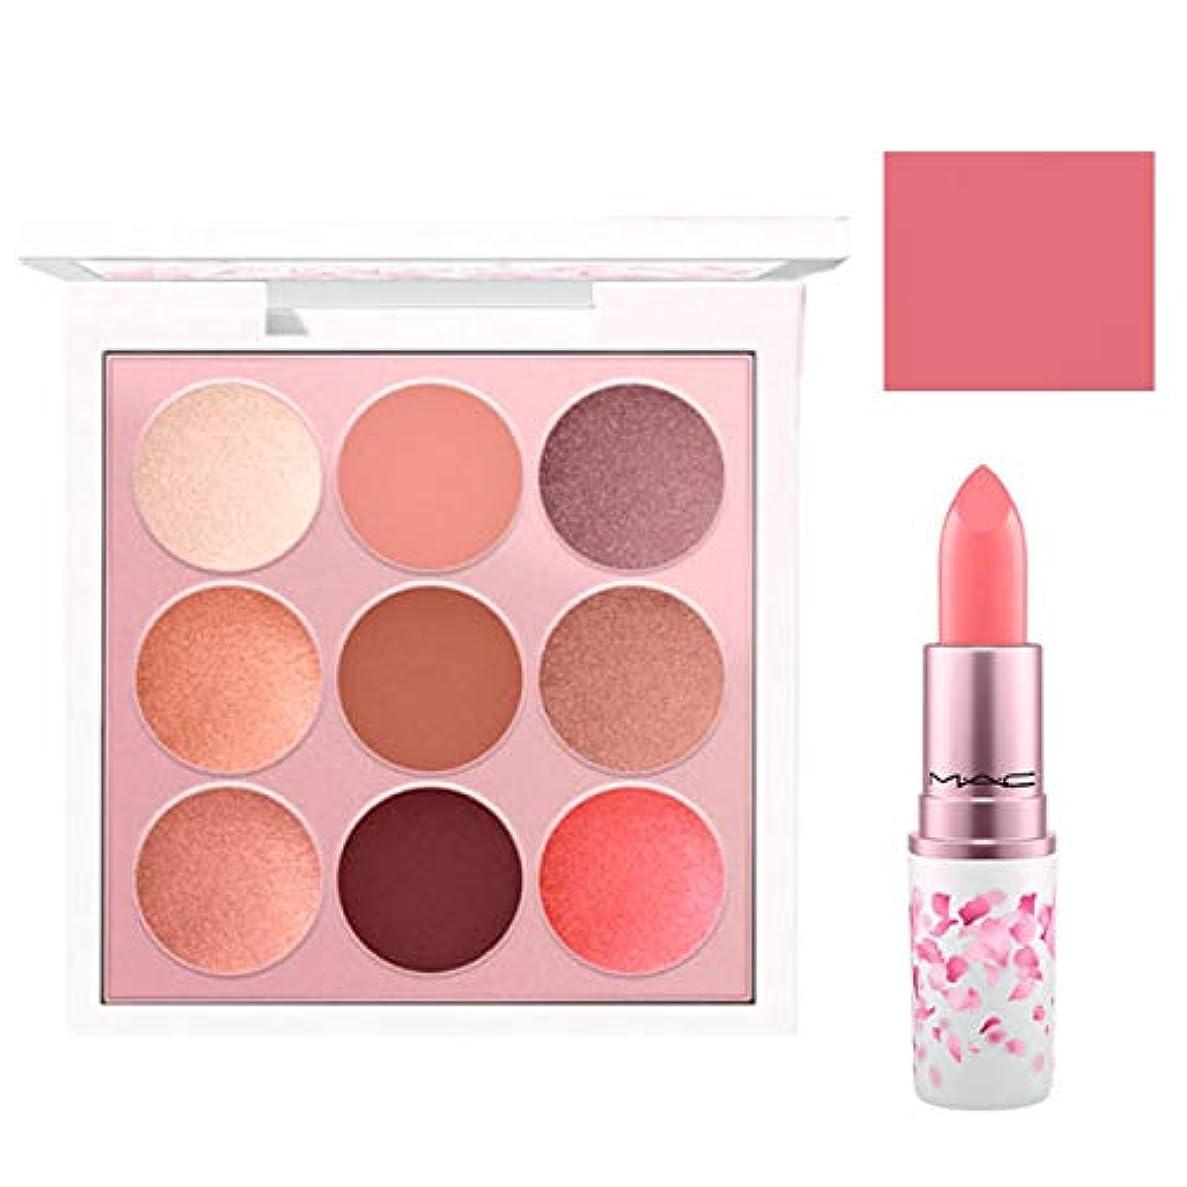 しっかり杭階層M.A.C 限定版, Boom, Boom, Bloom EyeShadow & Lipstick (Kabuki Doll Palette & Hi-Fructease) [海外直送品] [並行輸入品]